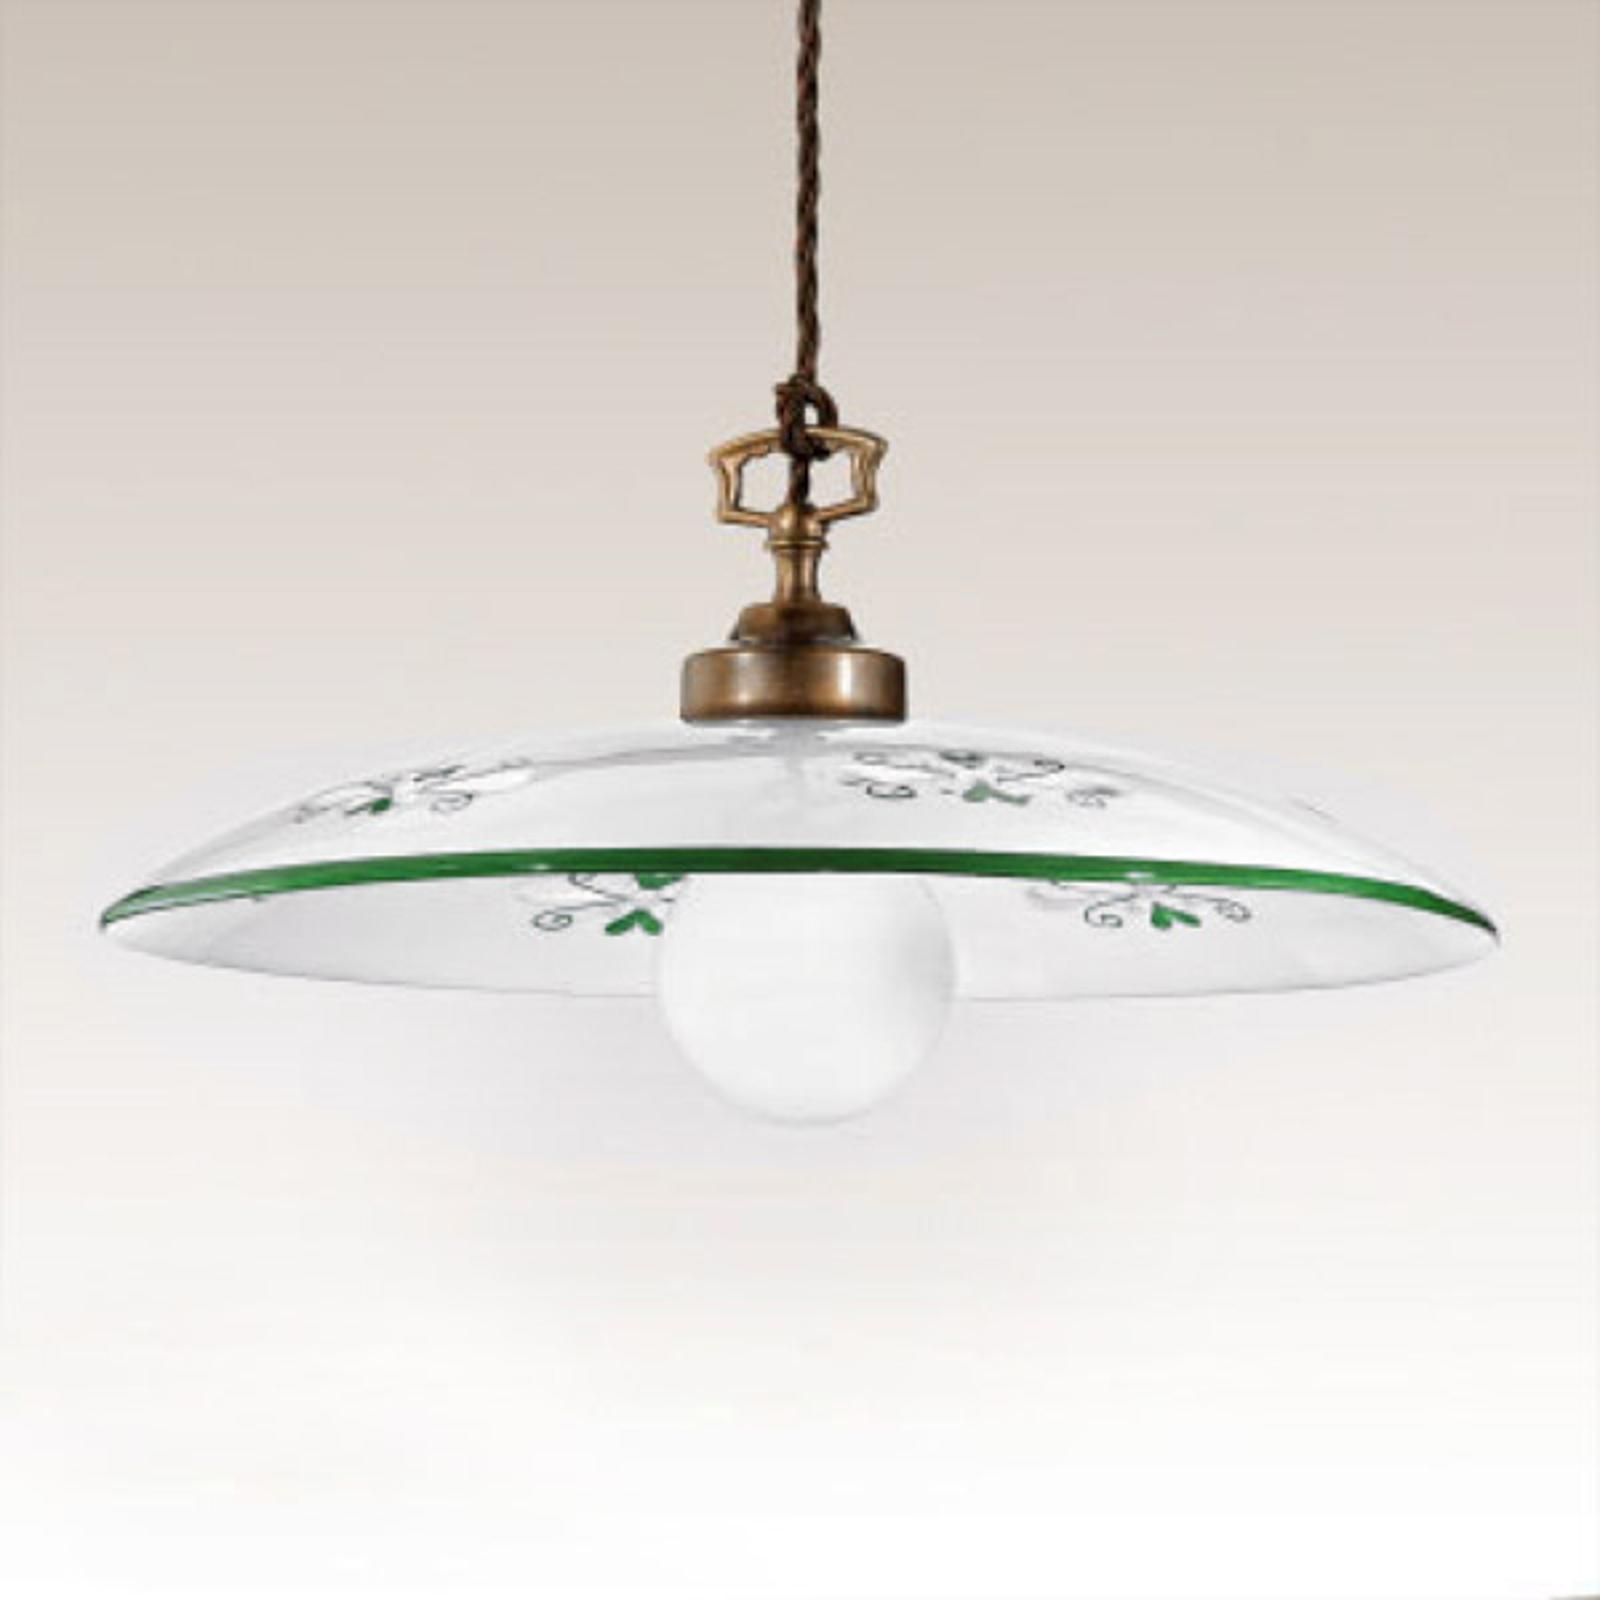 Sospensione Bassano, 1 luce, dettagli verdi